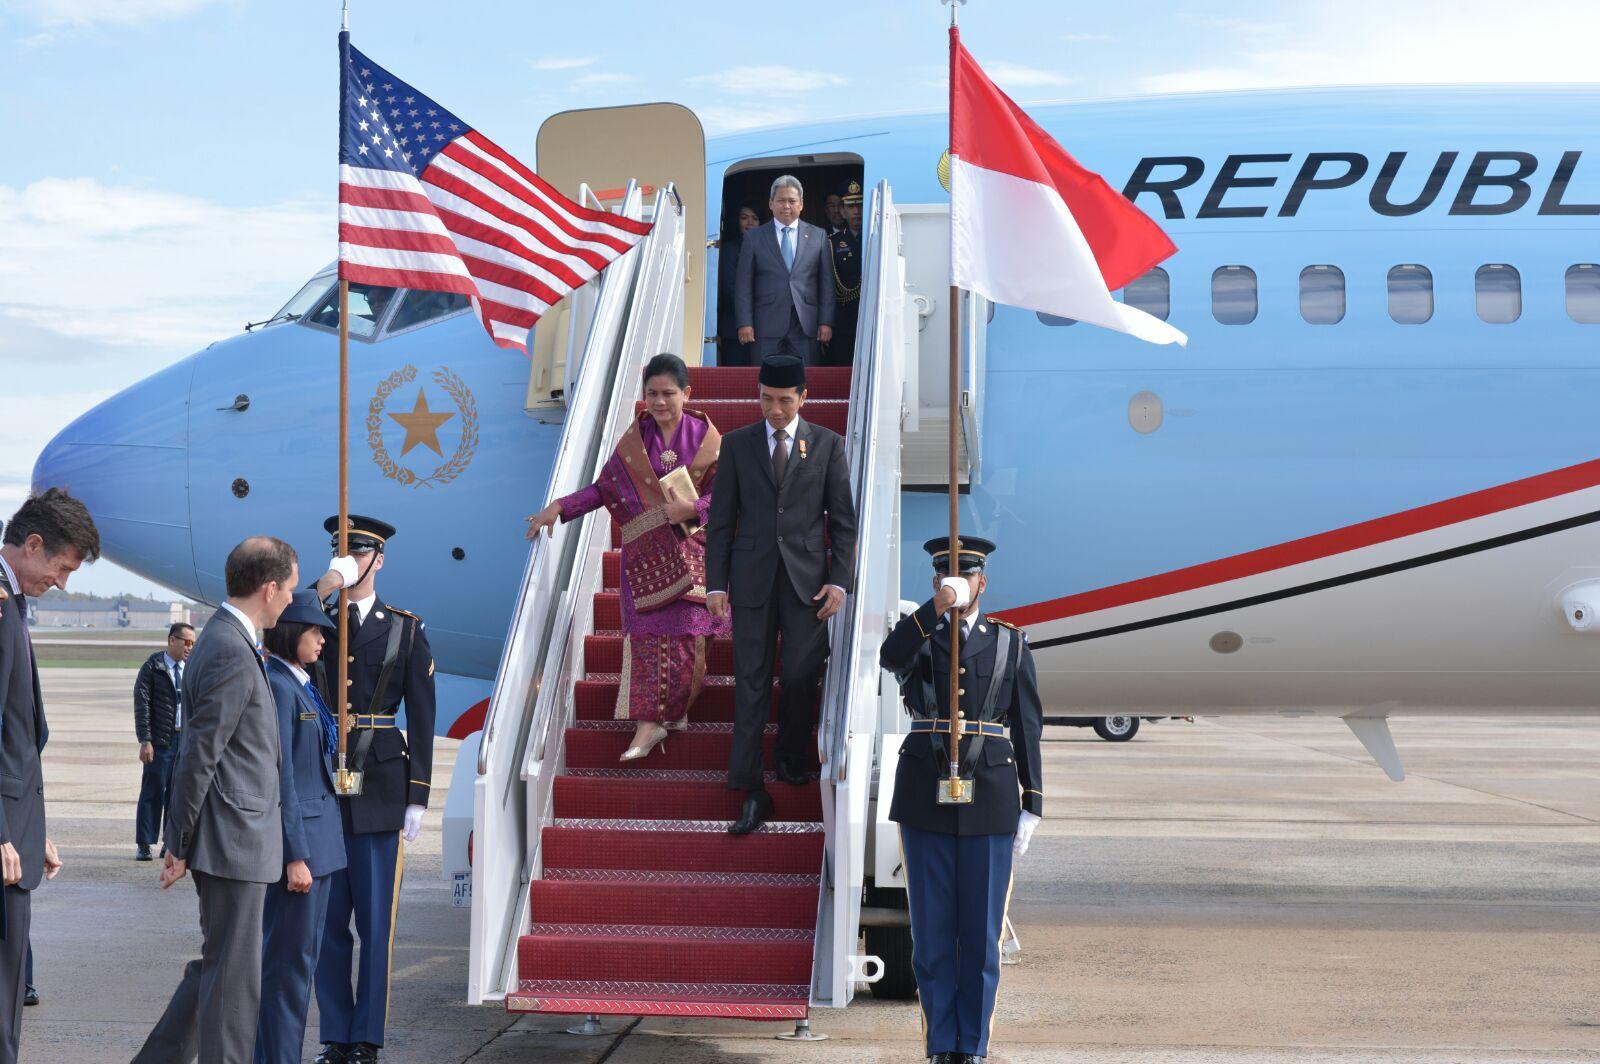 Presiden Jokowi didampingi Ibu Negara Iriana tiba di Pangkalan Militer Andrews, Amerika Serikat (AS), Minggu (25/10) sekitar pukul 12.30 Waktu Setempat. (Foto: Laily/Setpres)